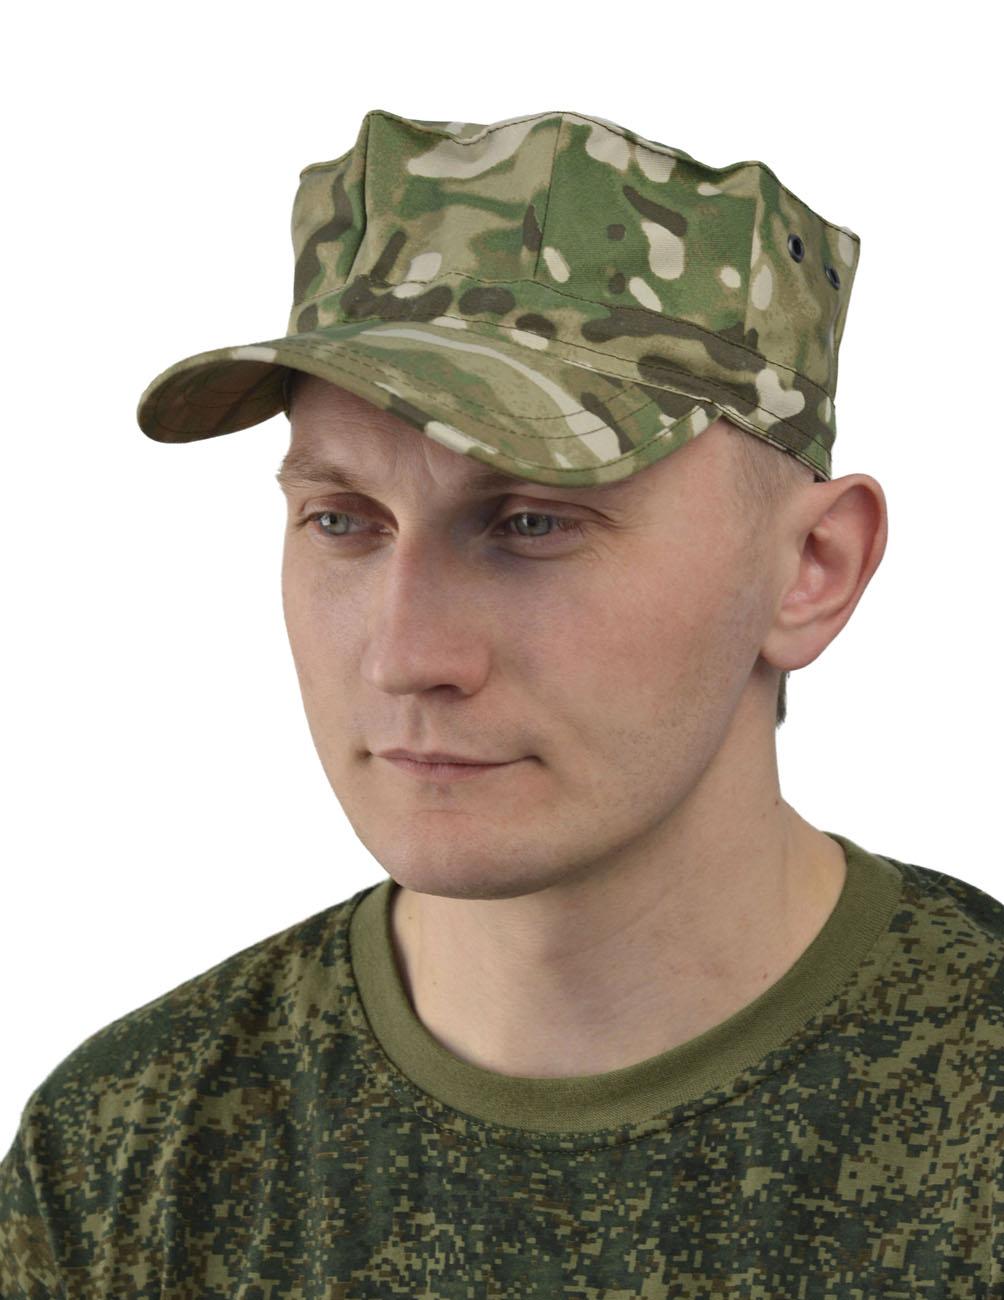 Кепка Gerkon Commando мультикам (58)Кепки<br><br><br>Пол: мужской<br>Размер: 58<br>Сезон: лето<br>Материал: Смесовая (50% хлопок, 50% полиэфир), пл. 210 г/м2,